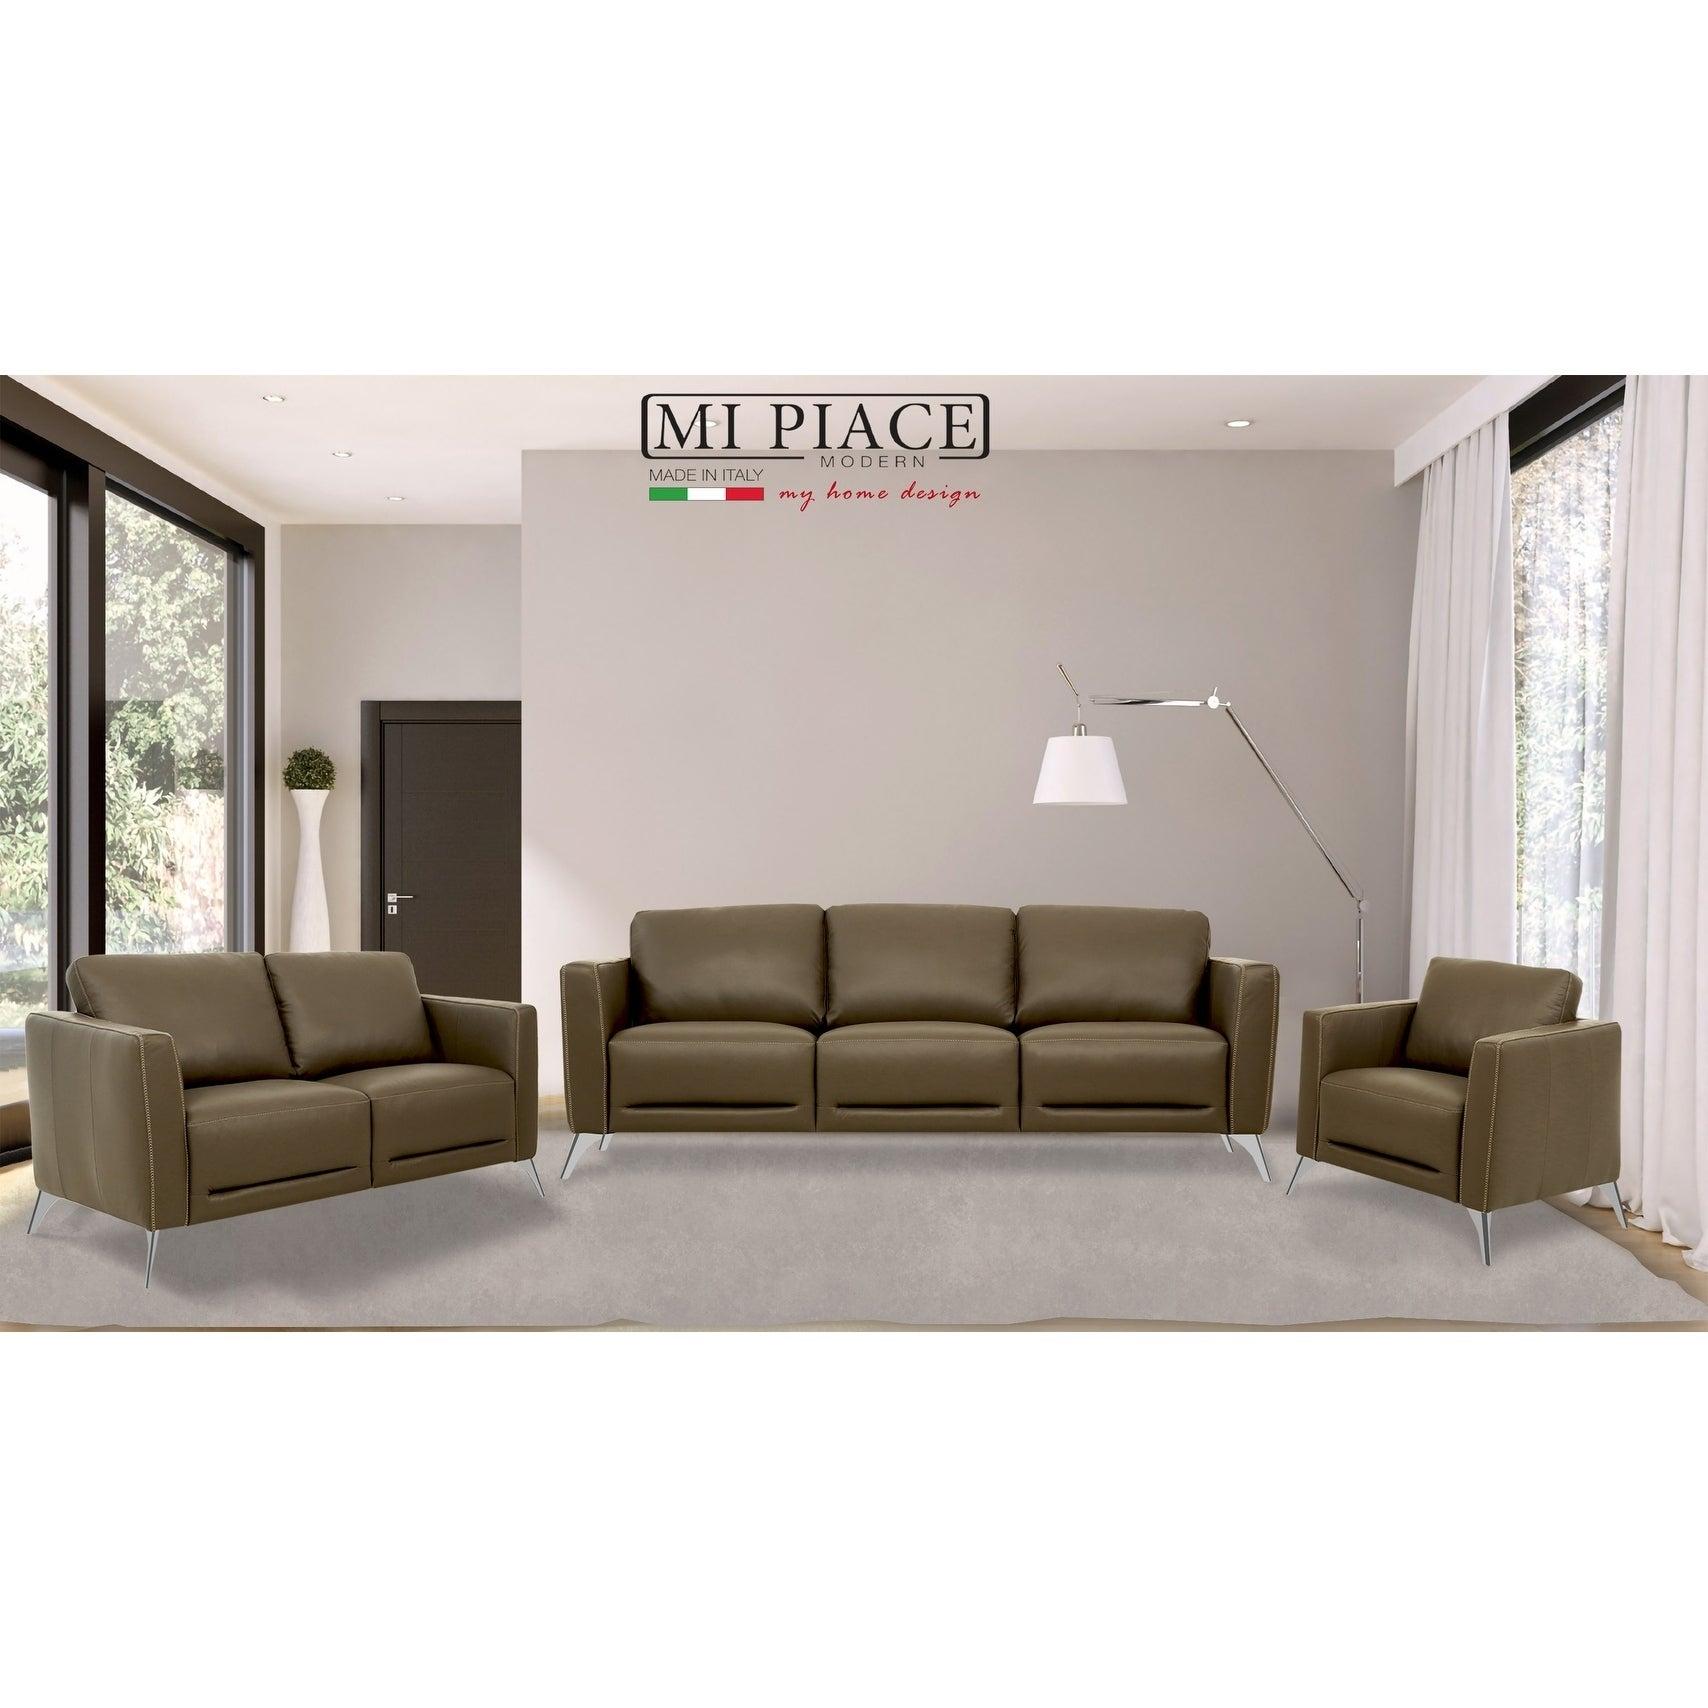 Bolton Muska Taupe Leather Sofa